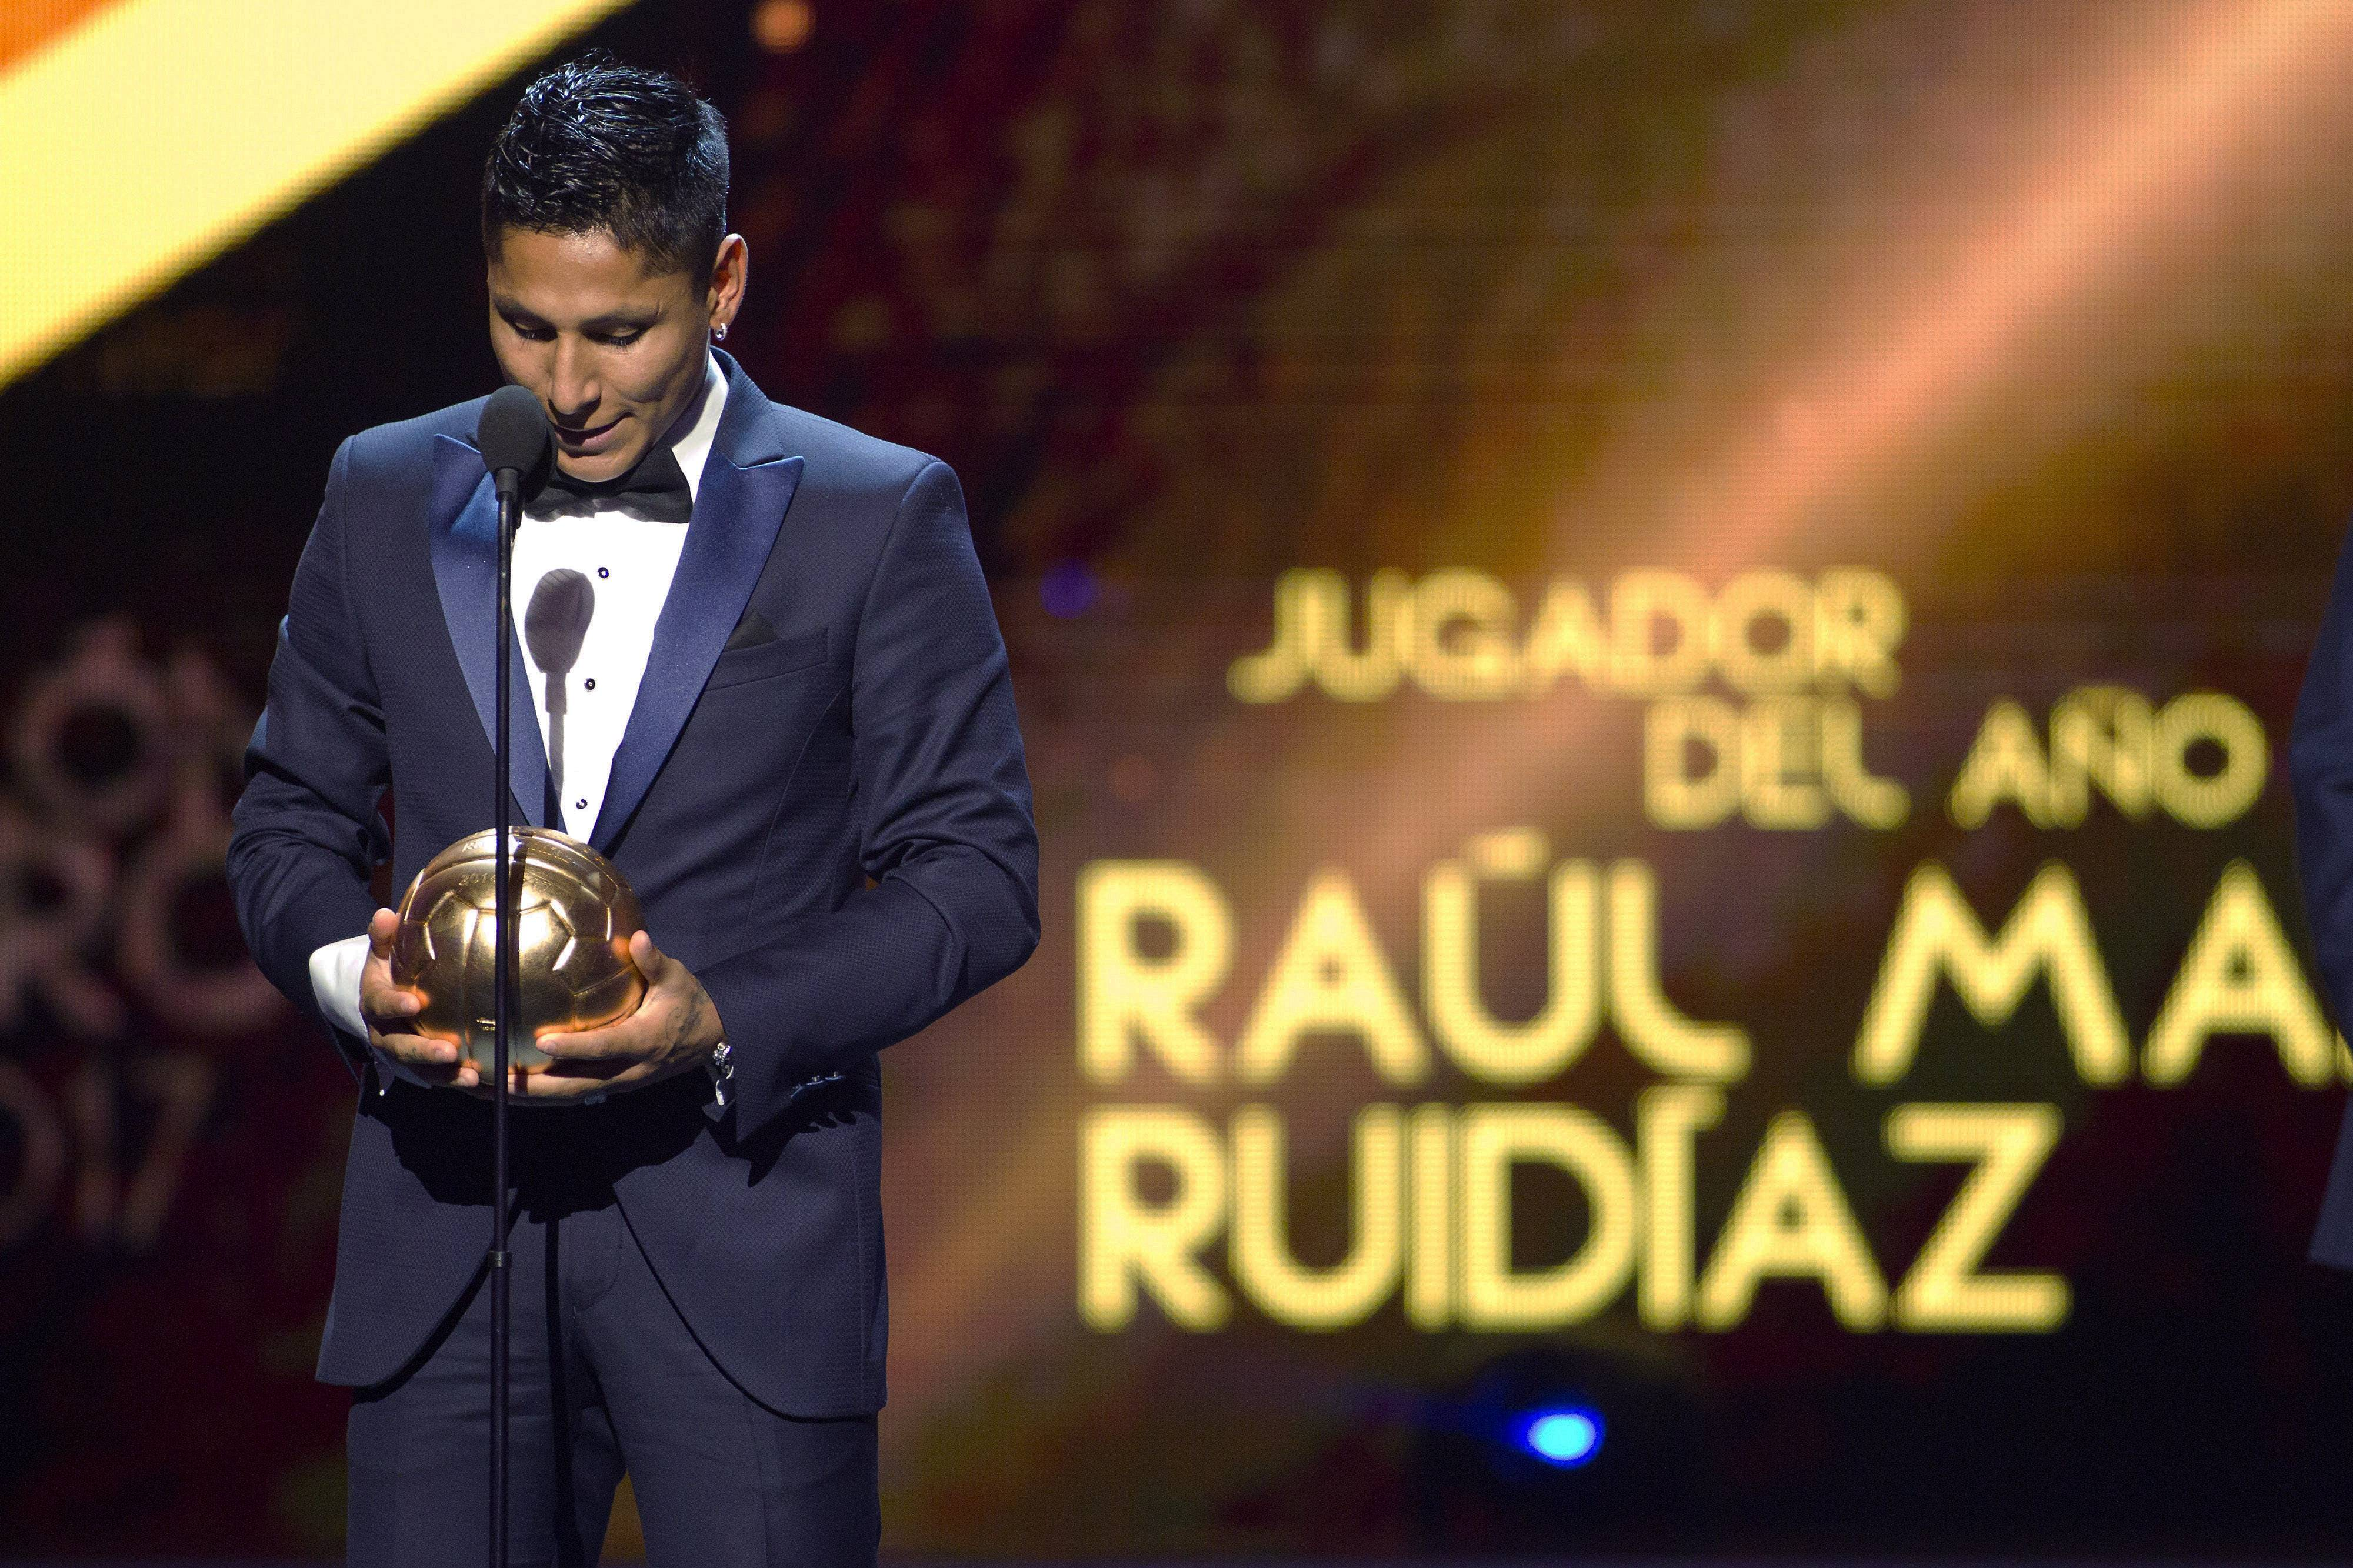 Jugador del Año: Raúl Ruidiaz / Mexsport